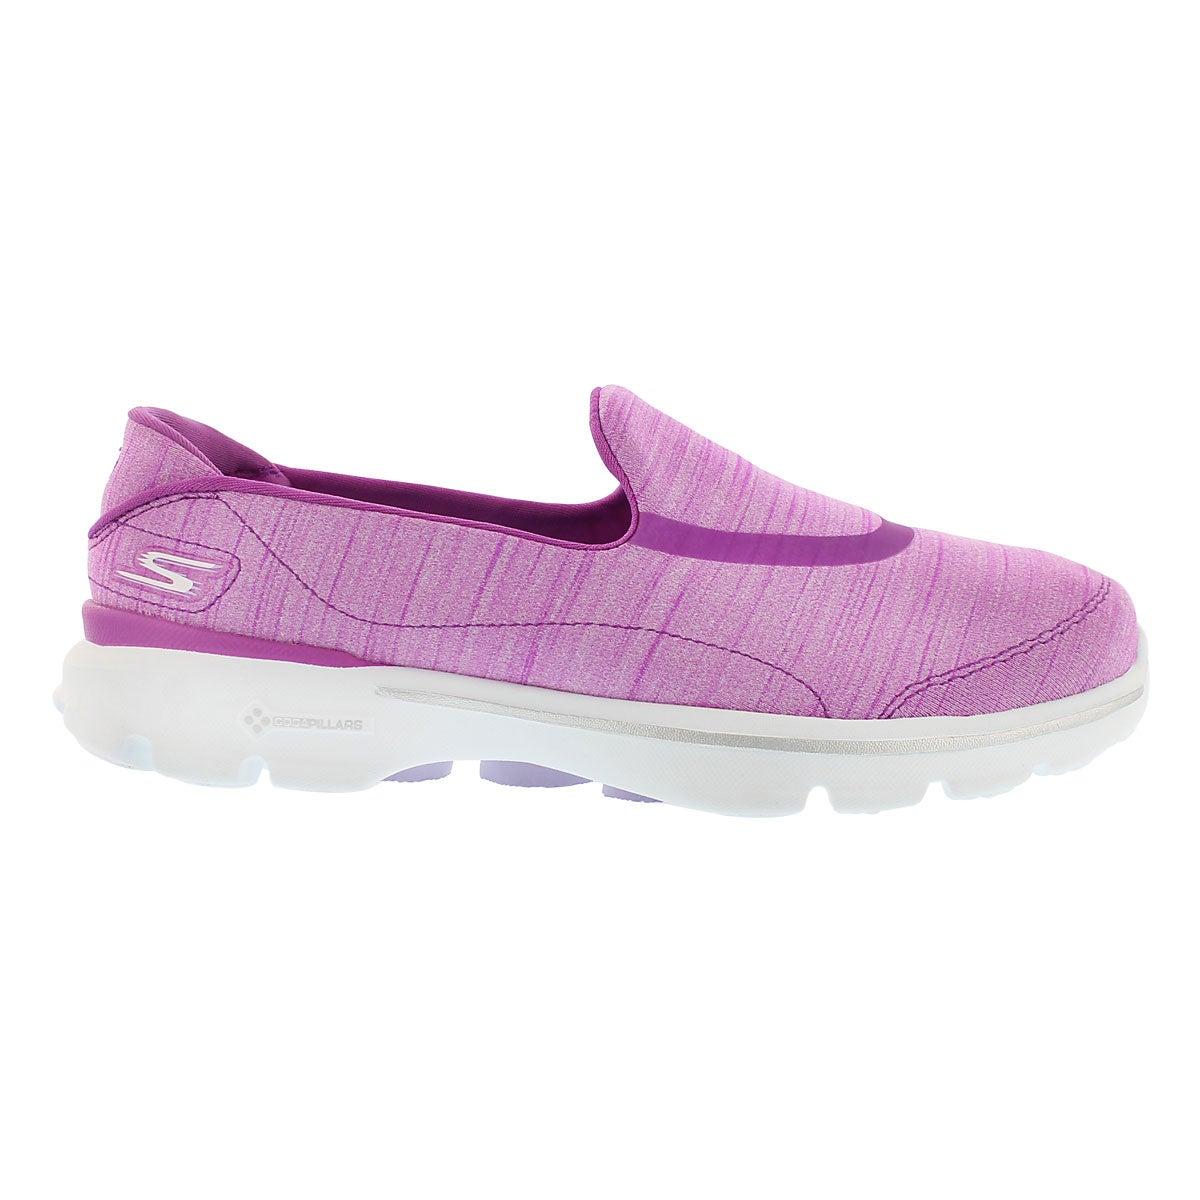 Chaussure de marche GOwalk3, violet, fem